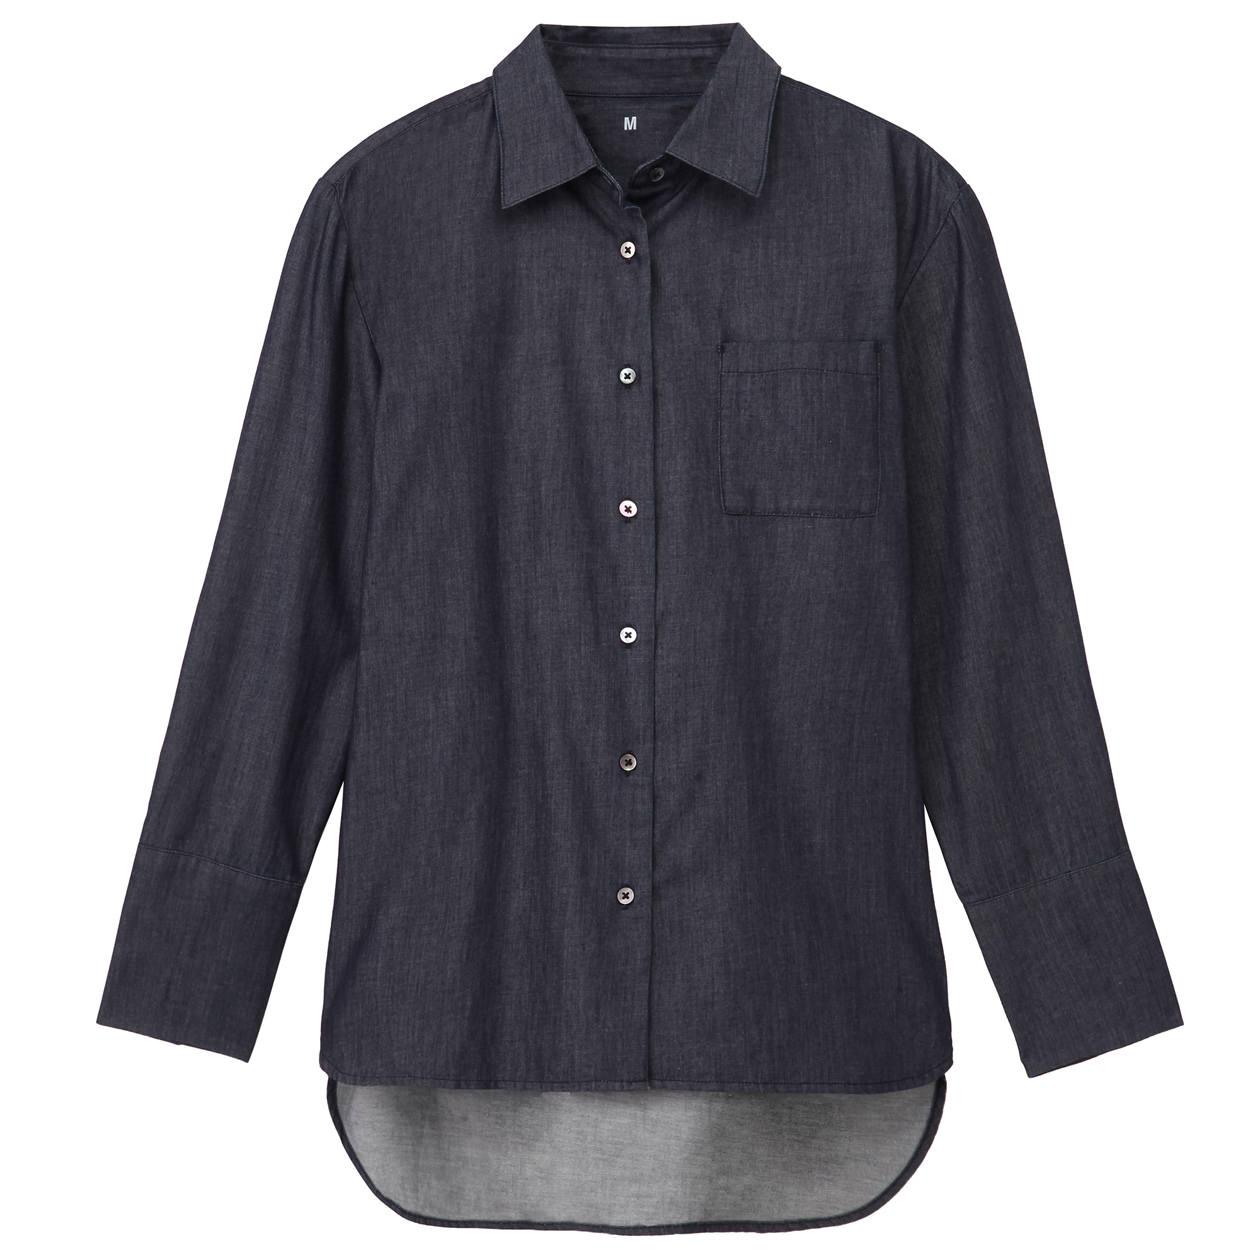 チャコールグレーのニットカーディガンをデニムシャツに重ねる着こなし